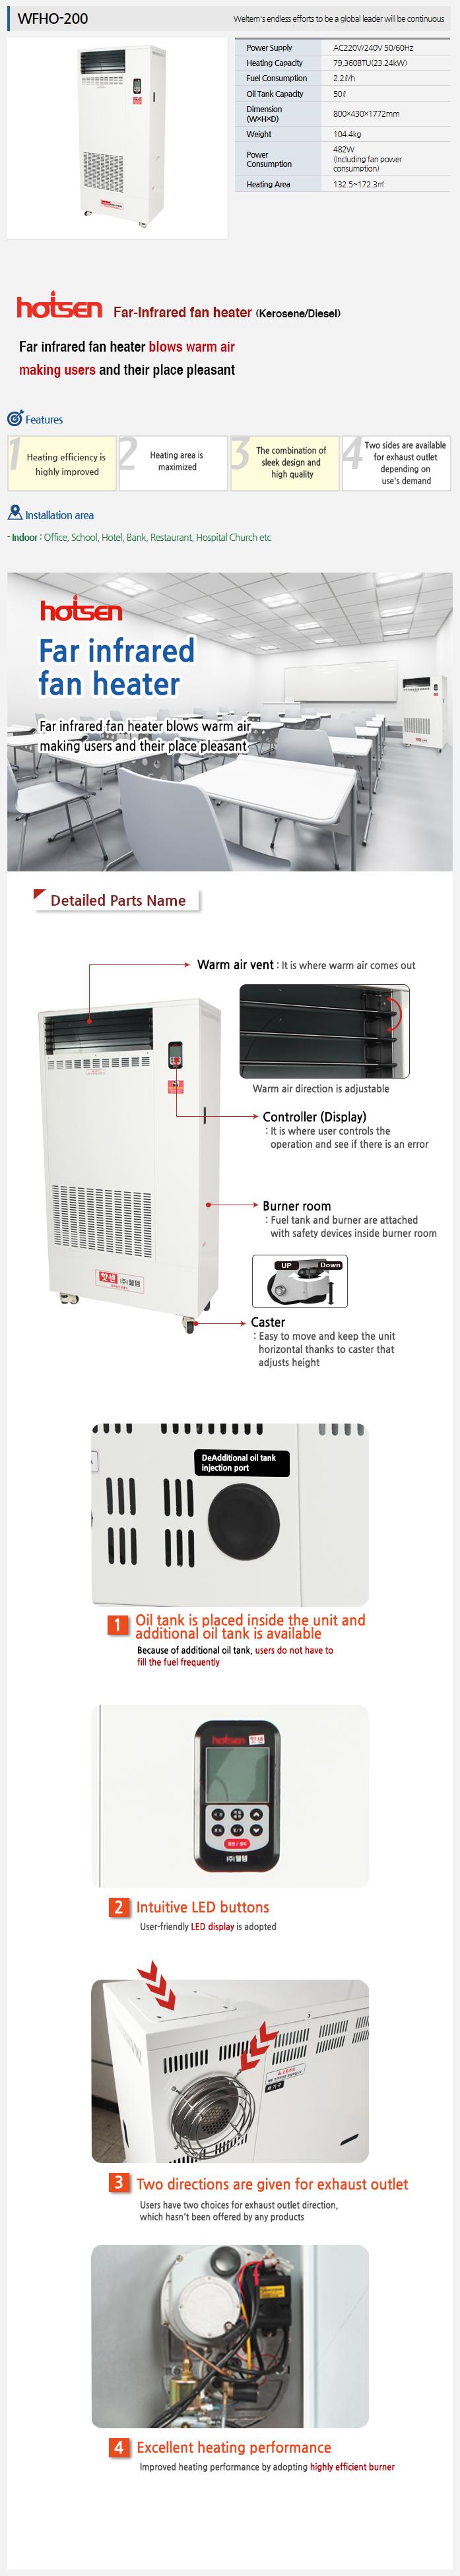 WELTEM Far Infrared Fan Heater WFHO-200